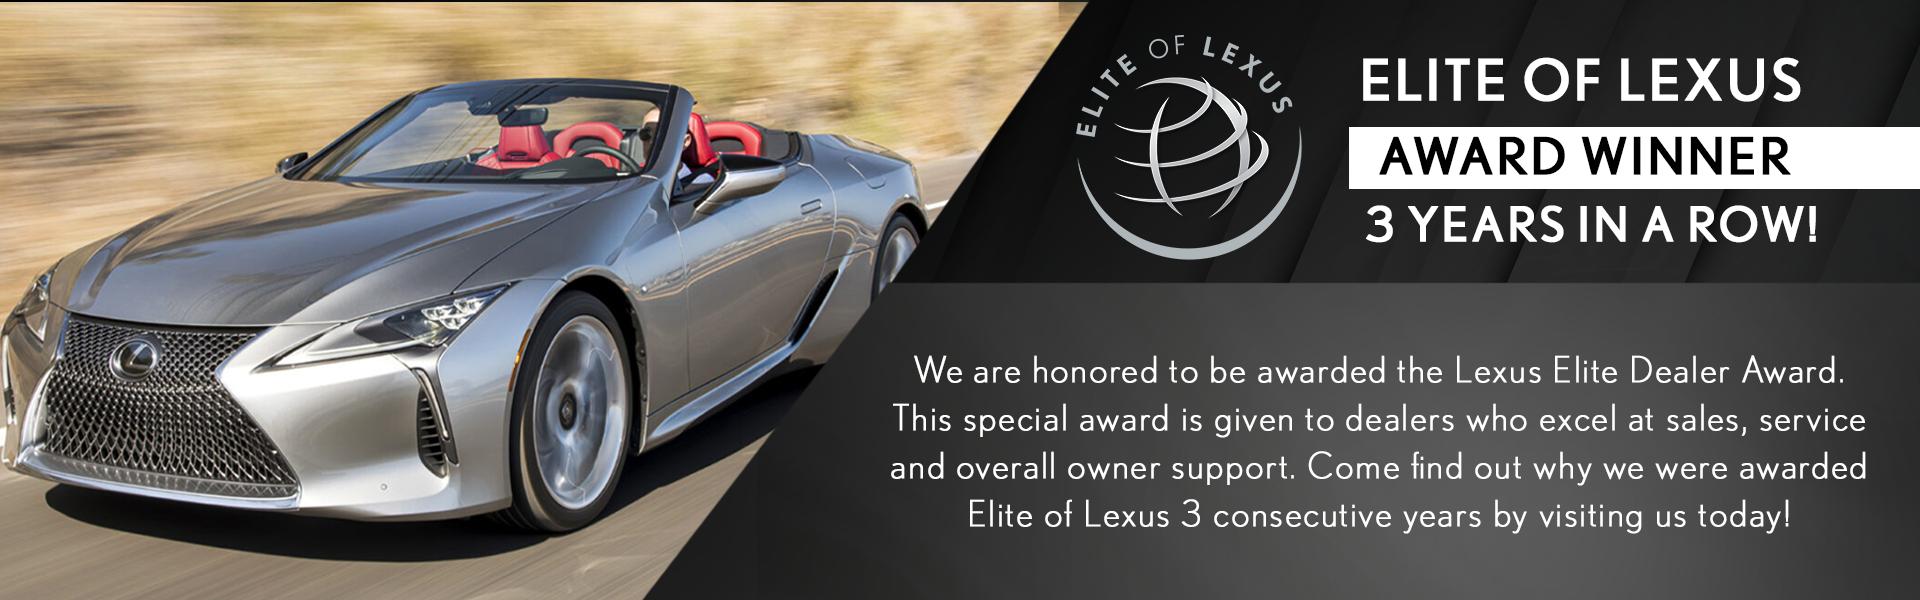 Elite of Lexus award winner